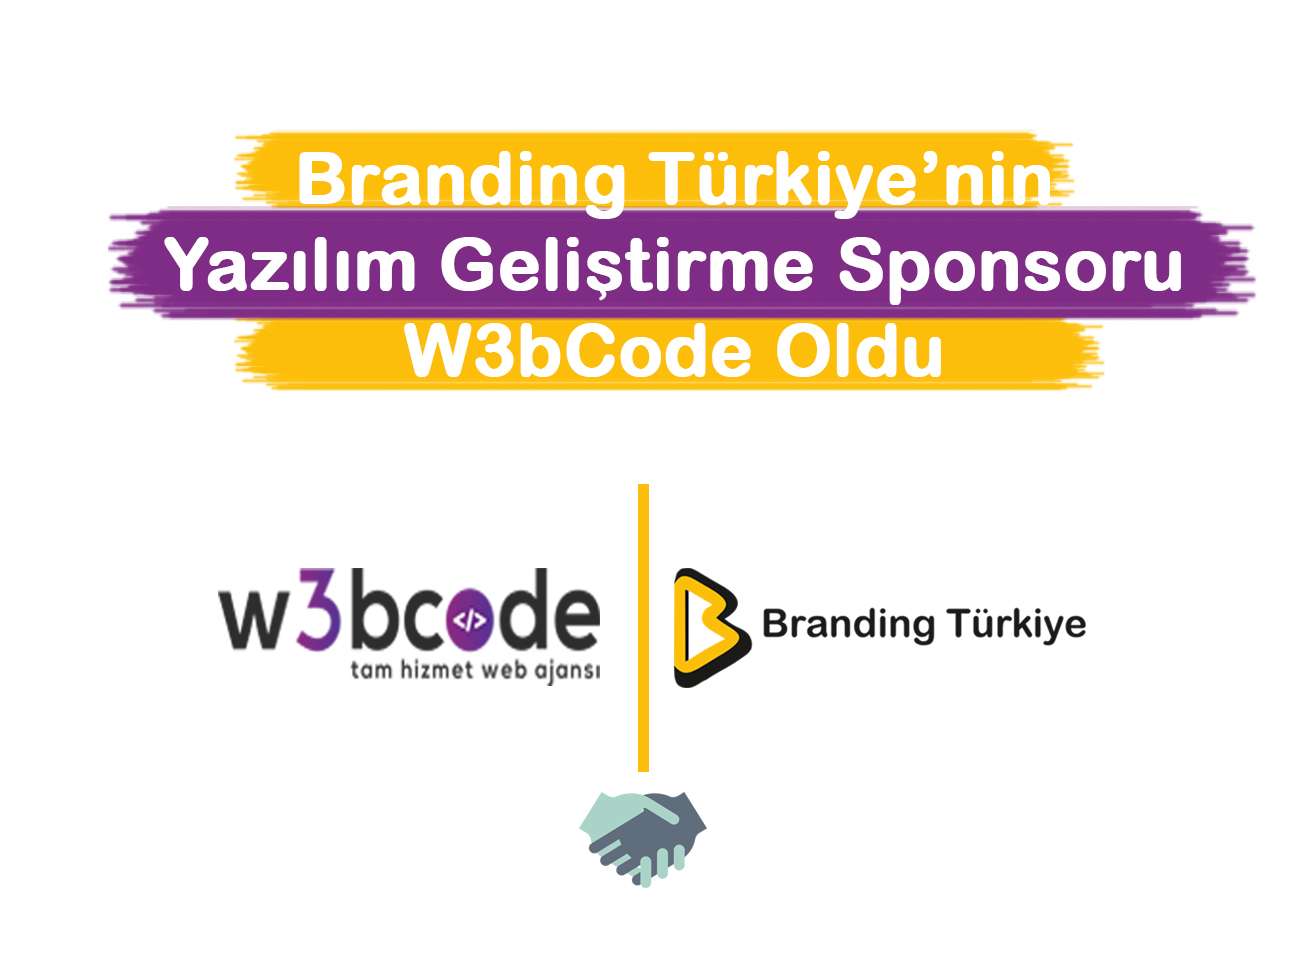 Branding Türkiye'nin Yazılım Geliştirme Sponsoru W3bCode Oldu